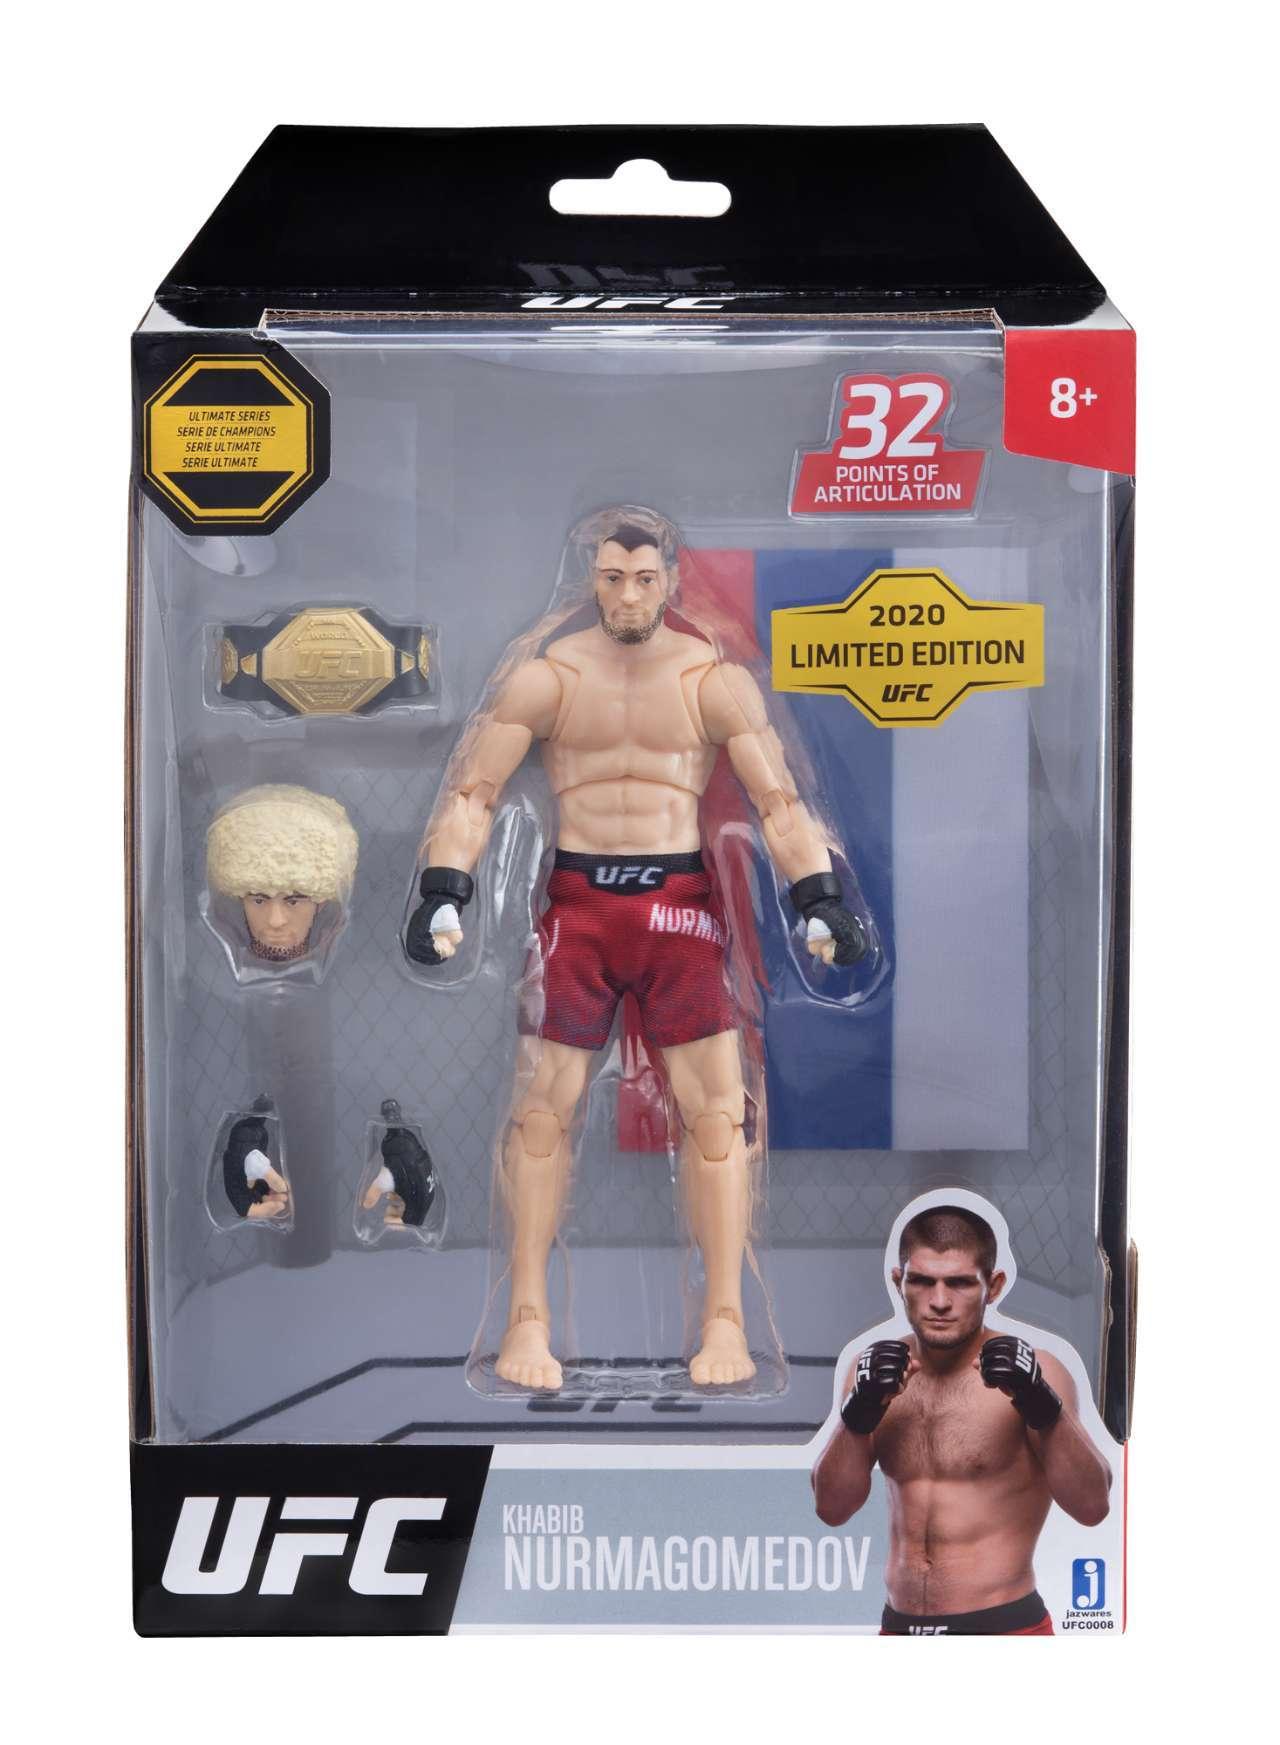 UFC0008-Khabib Nurmagomedov-IP-R 0702